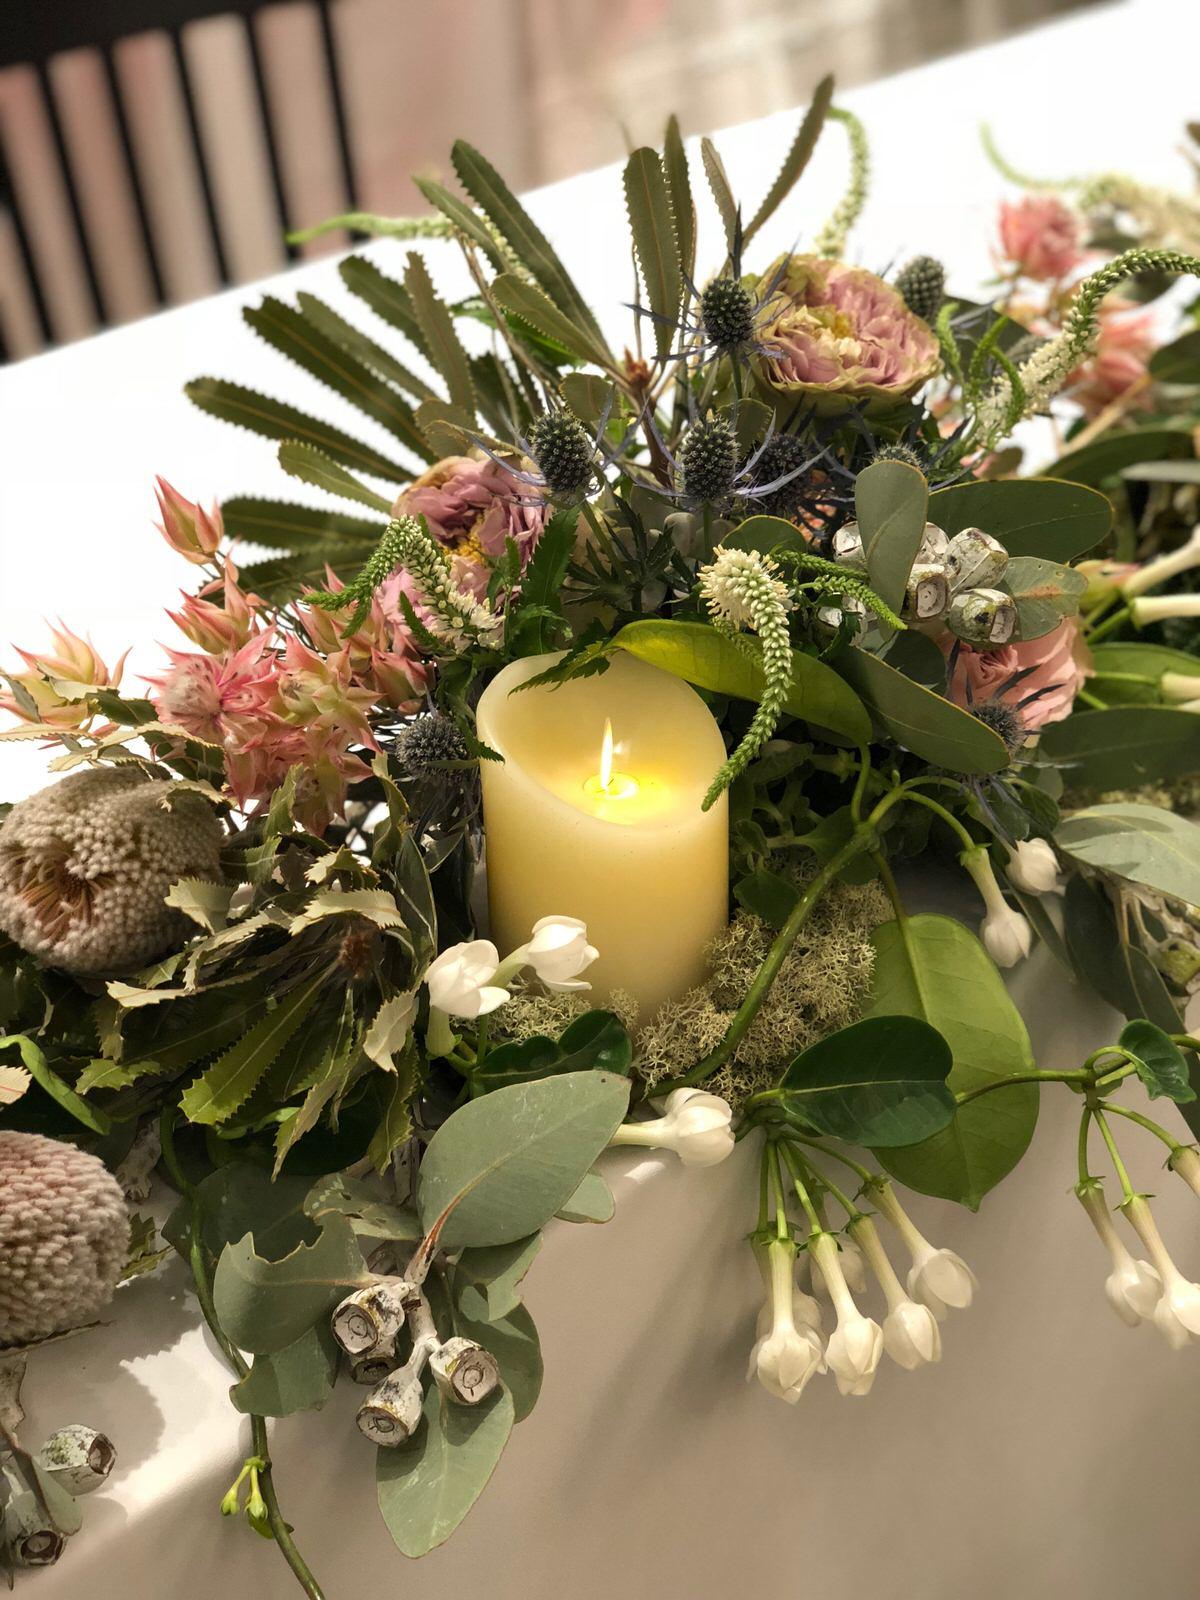 59ebc0a9f5712 2018年夏様々なお花、植物の仕事をさせていただきましたアテです。 つづいては、ブライダル事業の撮影用の装飾としてお納めしてきた多肉植物などをつかった  ...